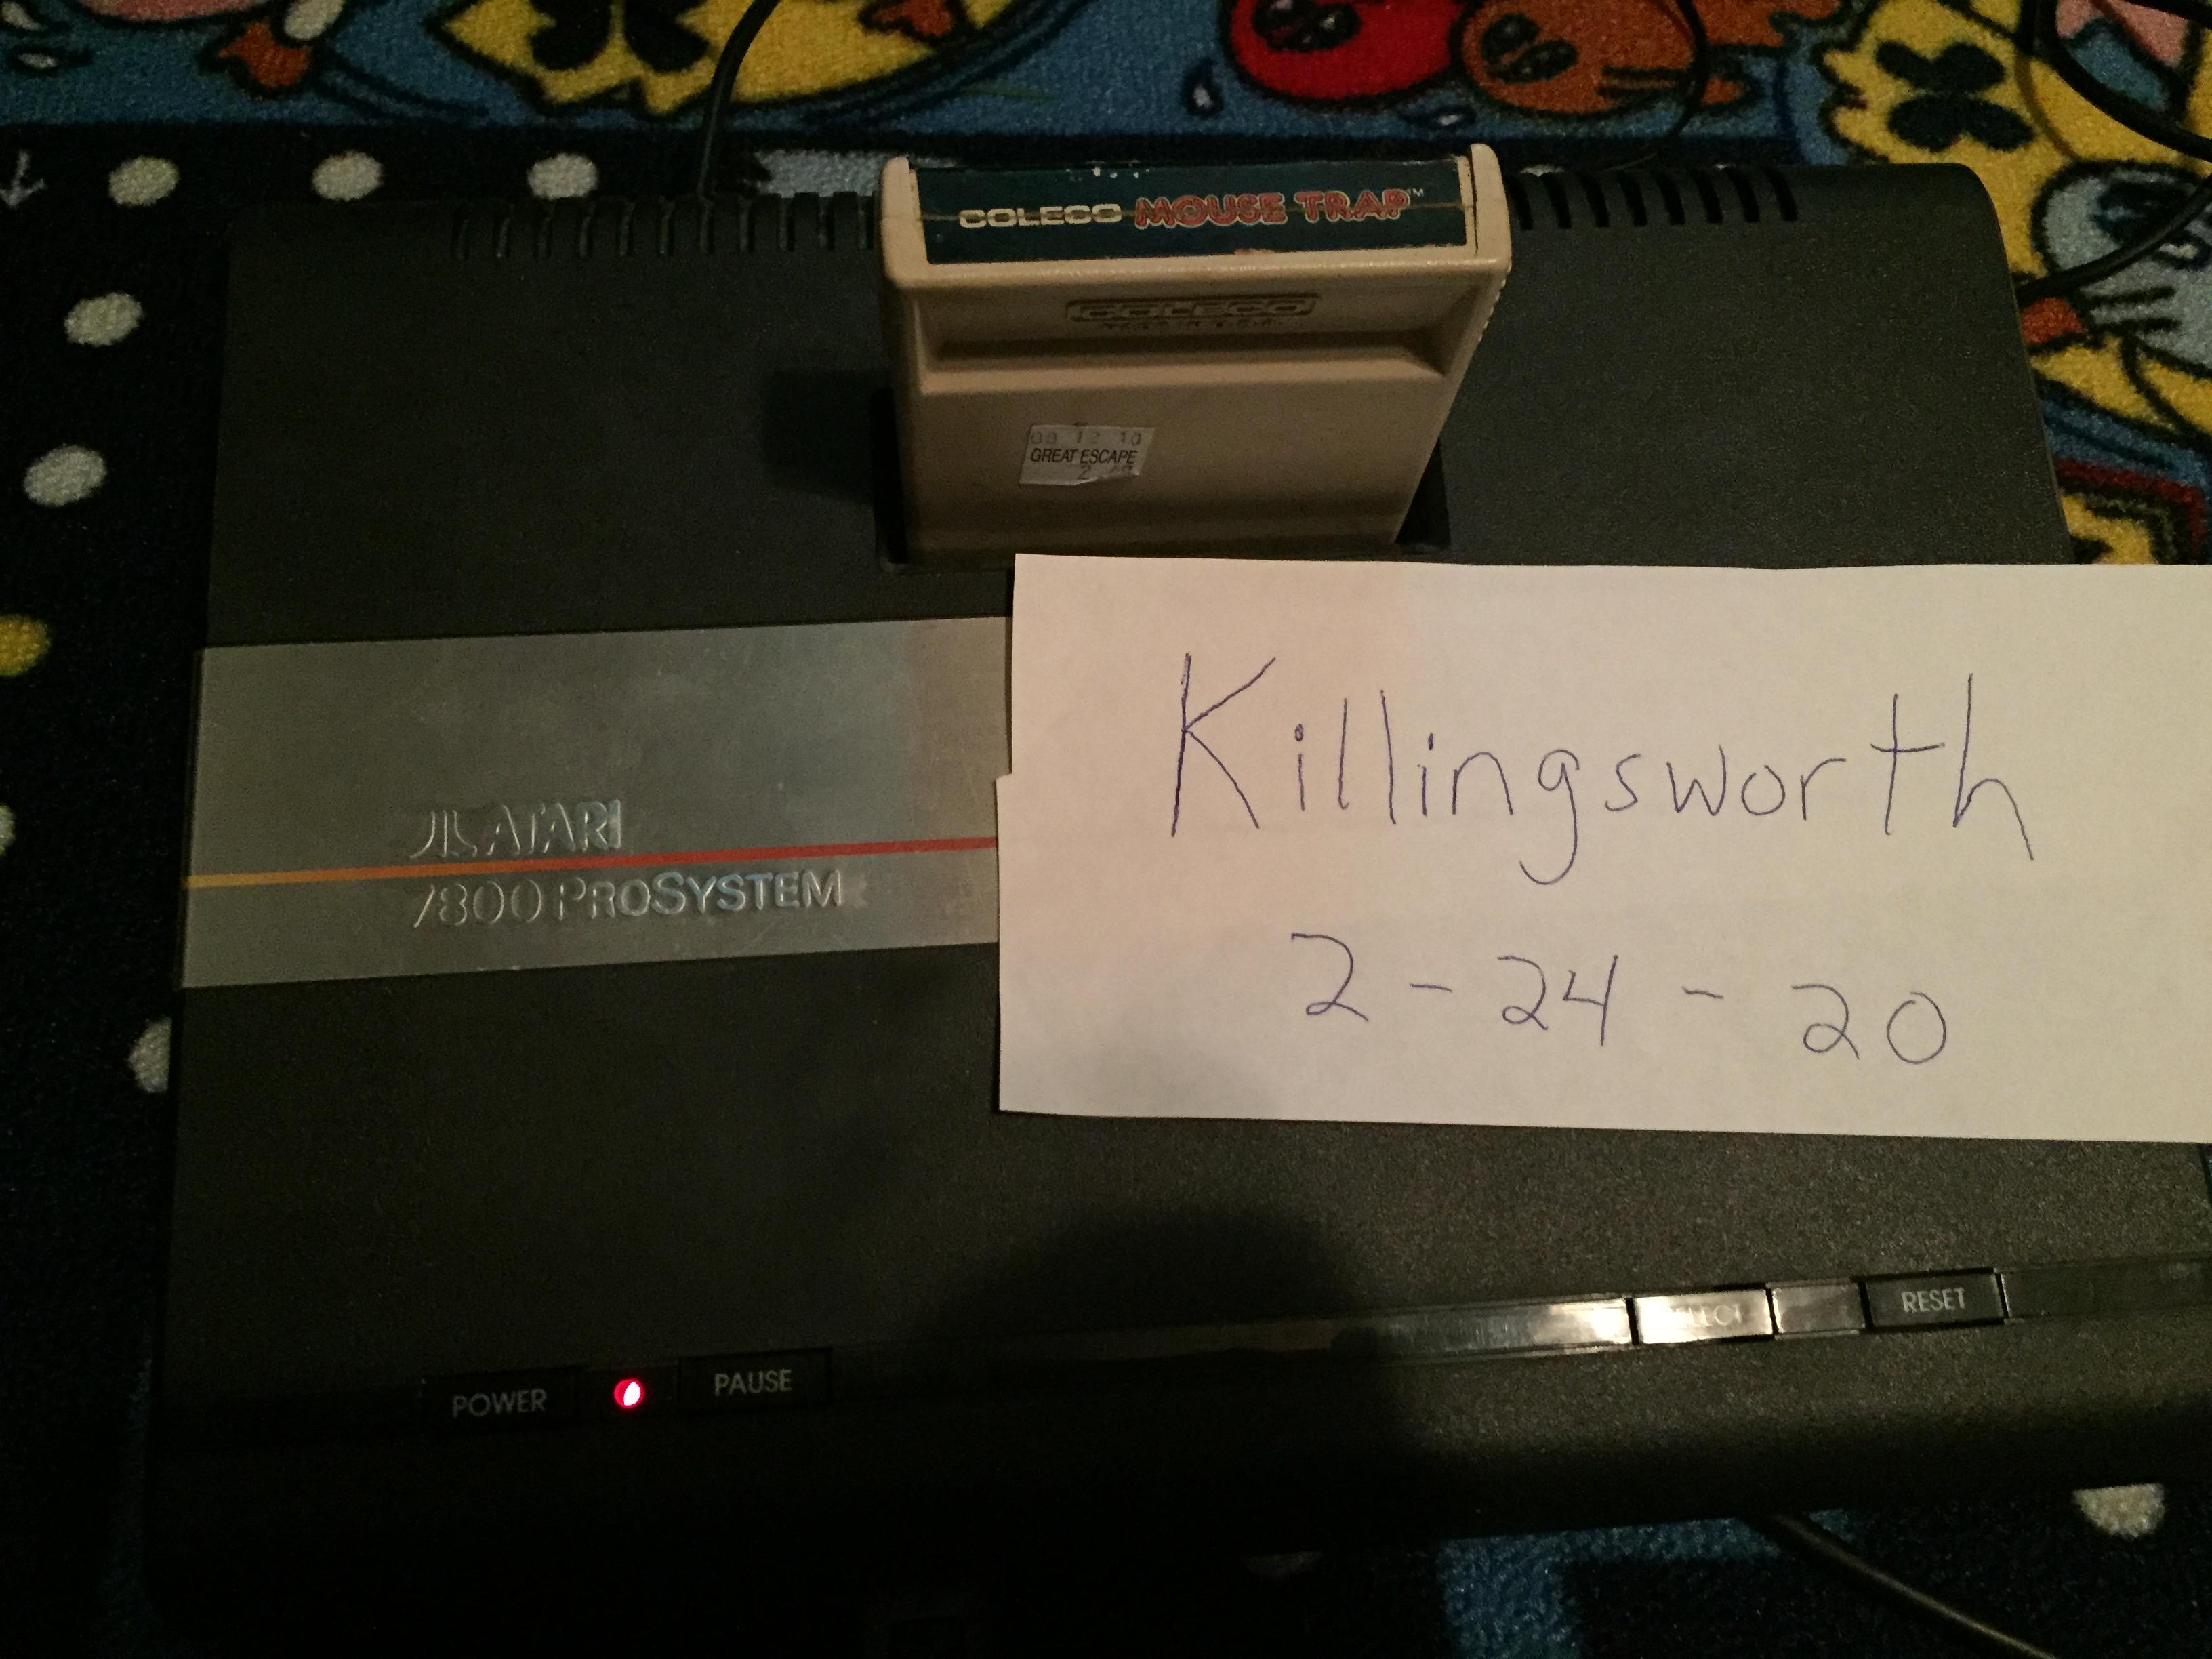 Killingsworth: Mouse Trap (Atari 2600 Novice/B) 9,999 points on 2020-03-01 19:30:17